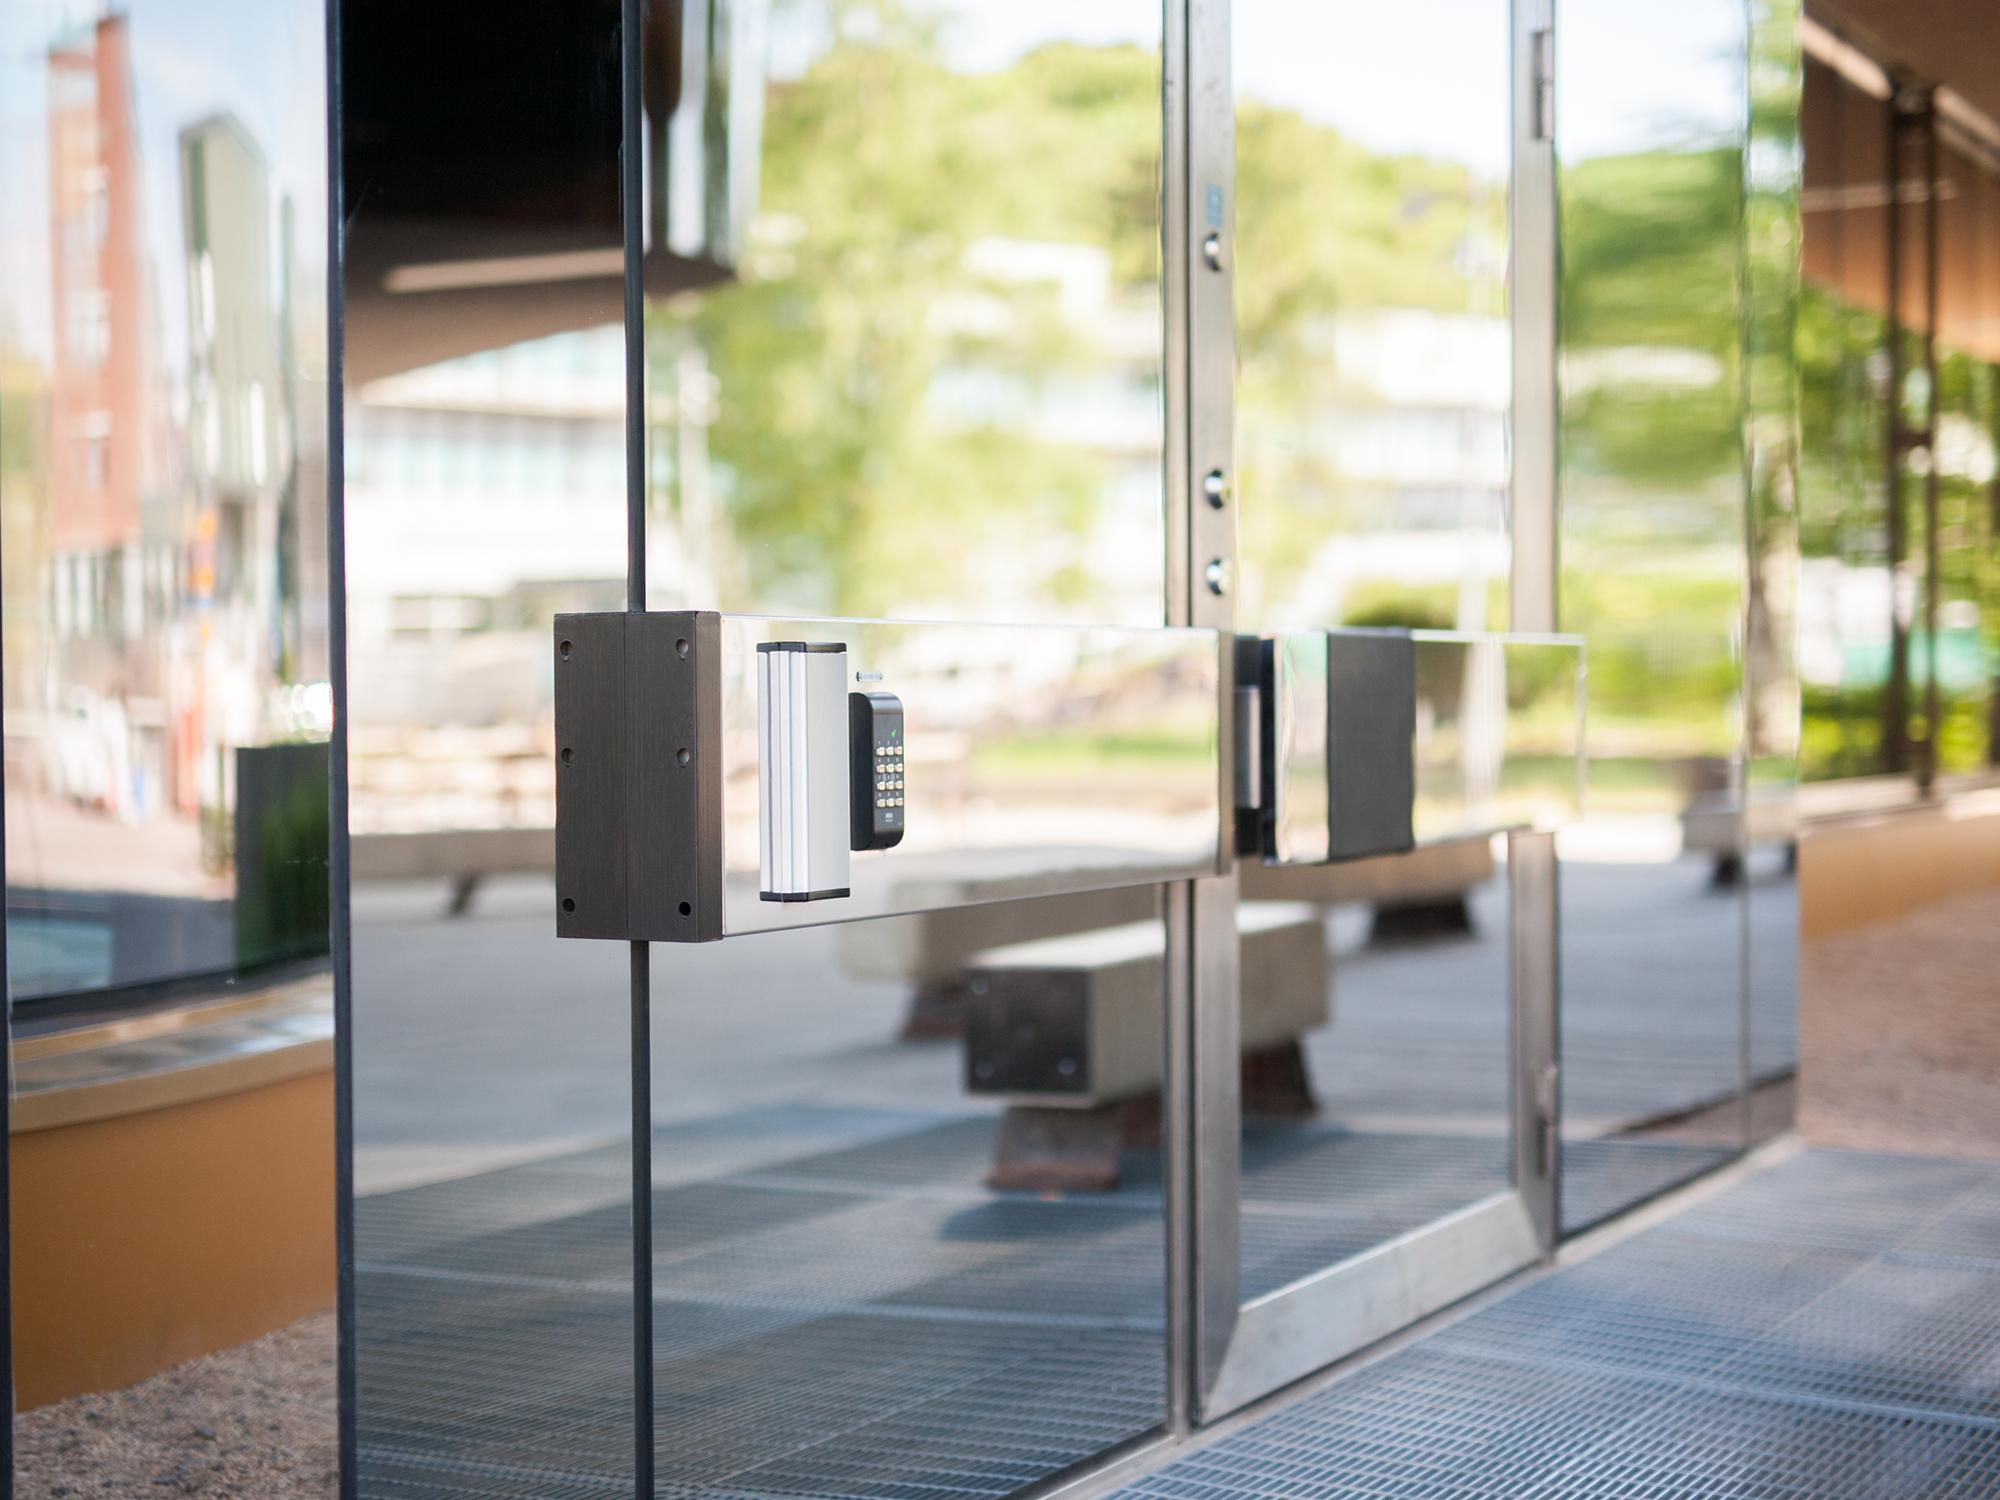 Entrédörr med passersystem i glaspartier i fasad.